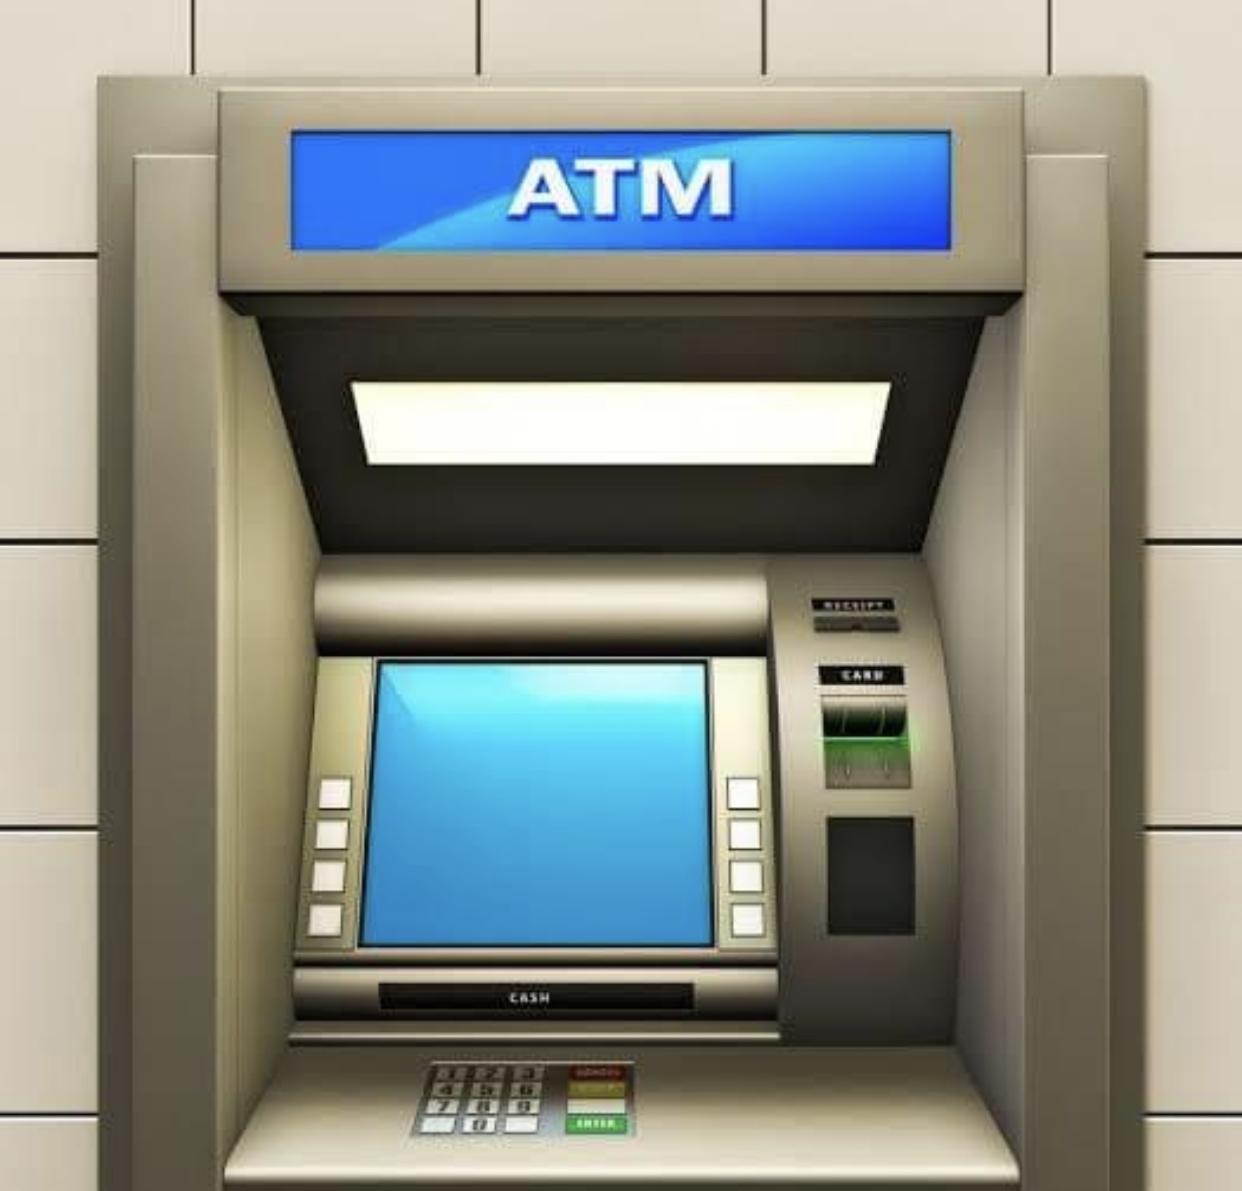 अबदेखी एक बैंकको एटीएम कार्ड अर्को बैंकमा प्रयोग गर्दा शुल्क लाग्ने